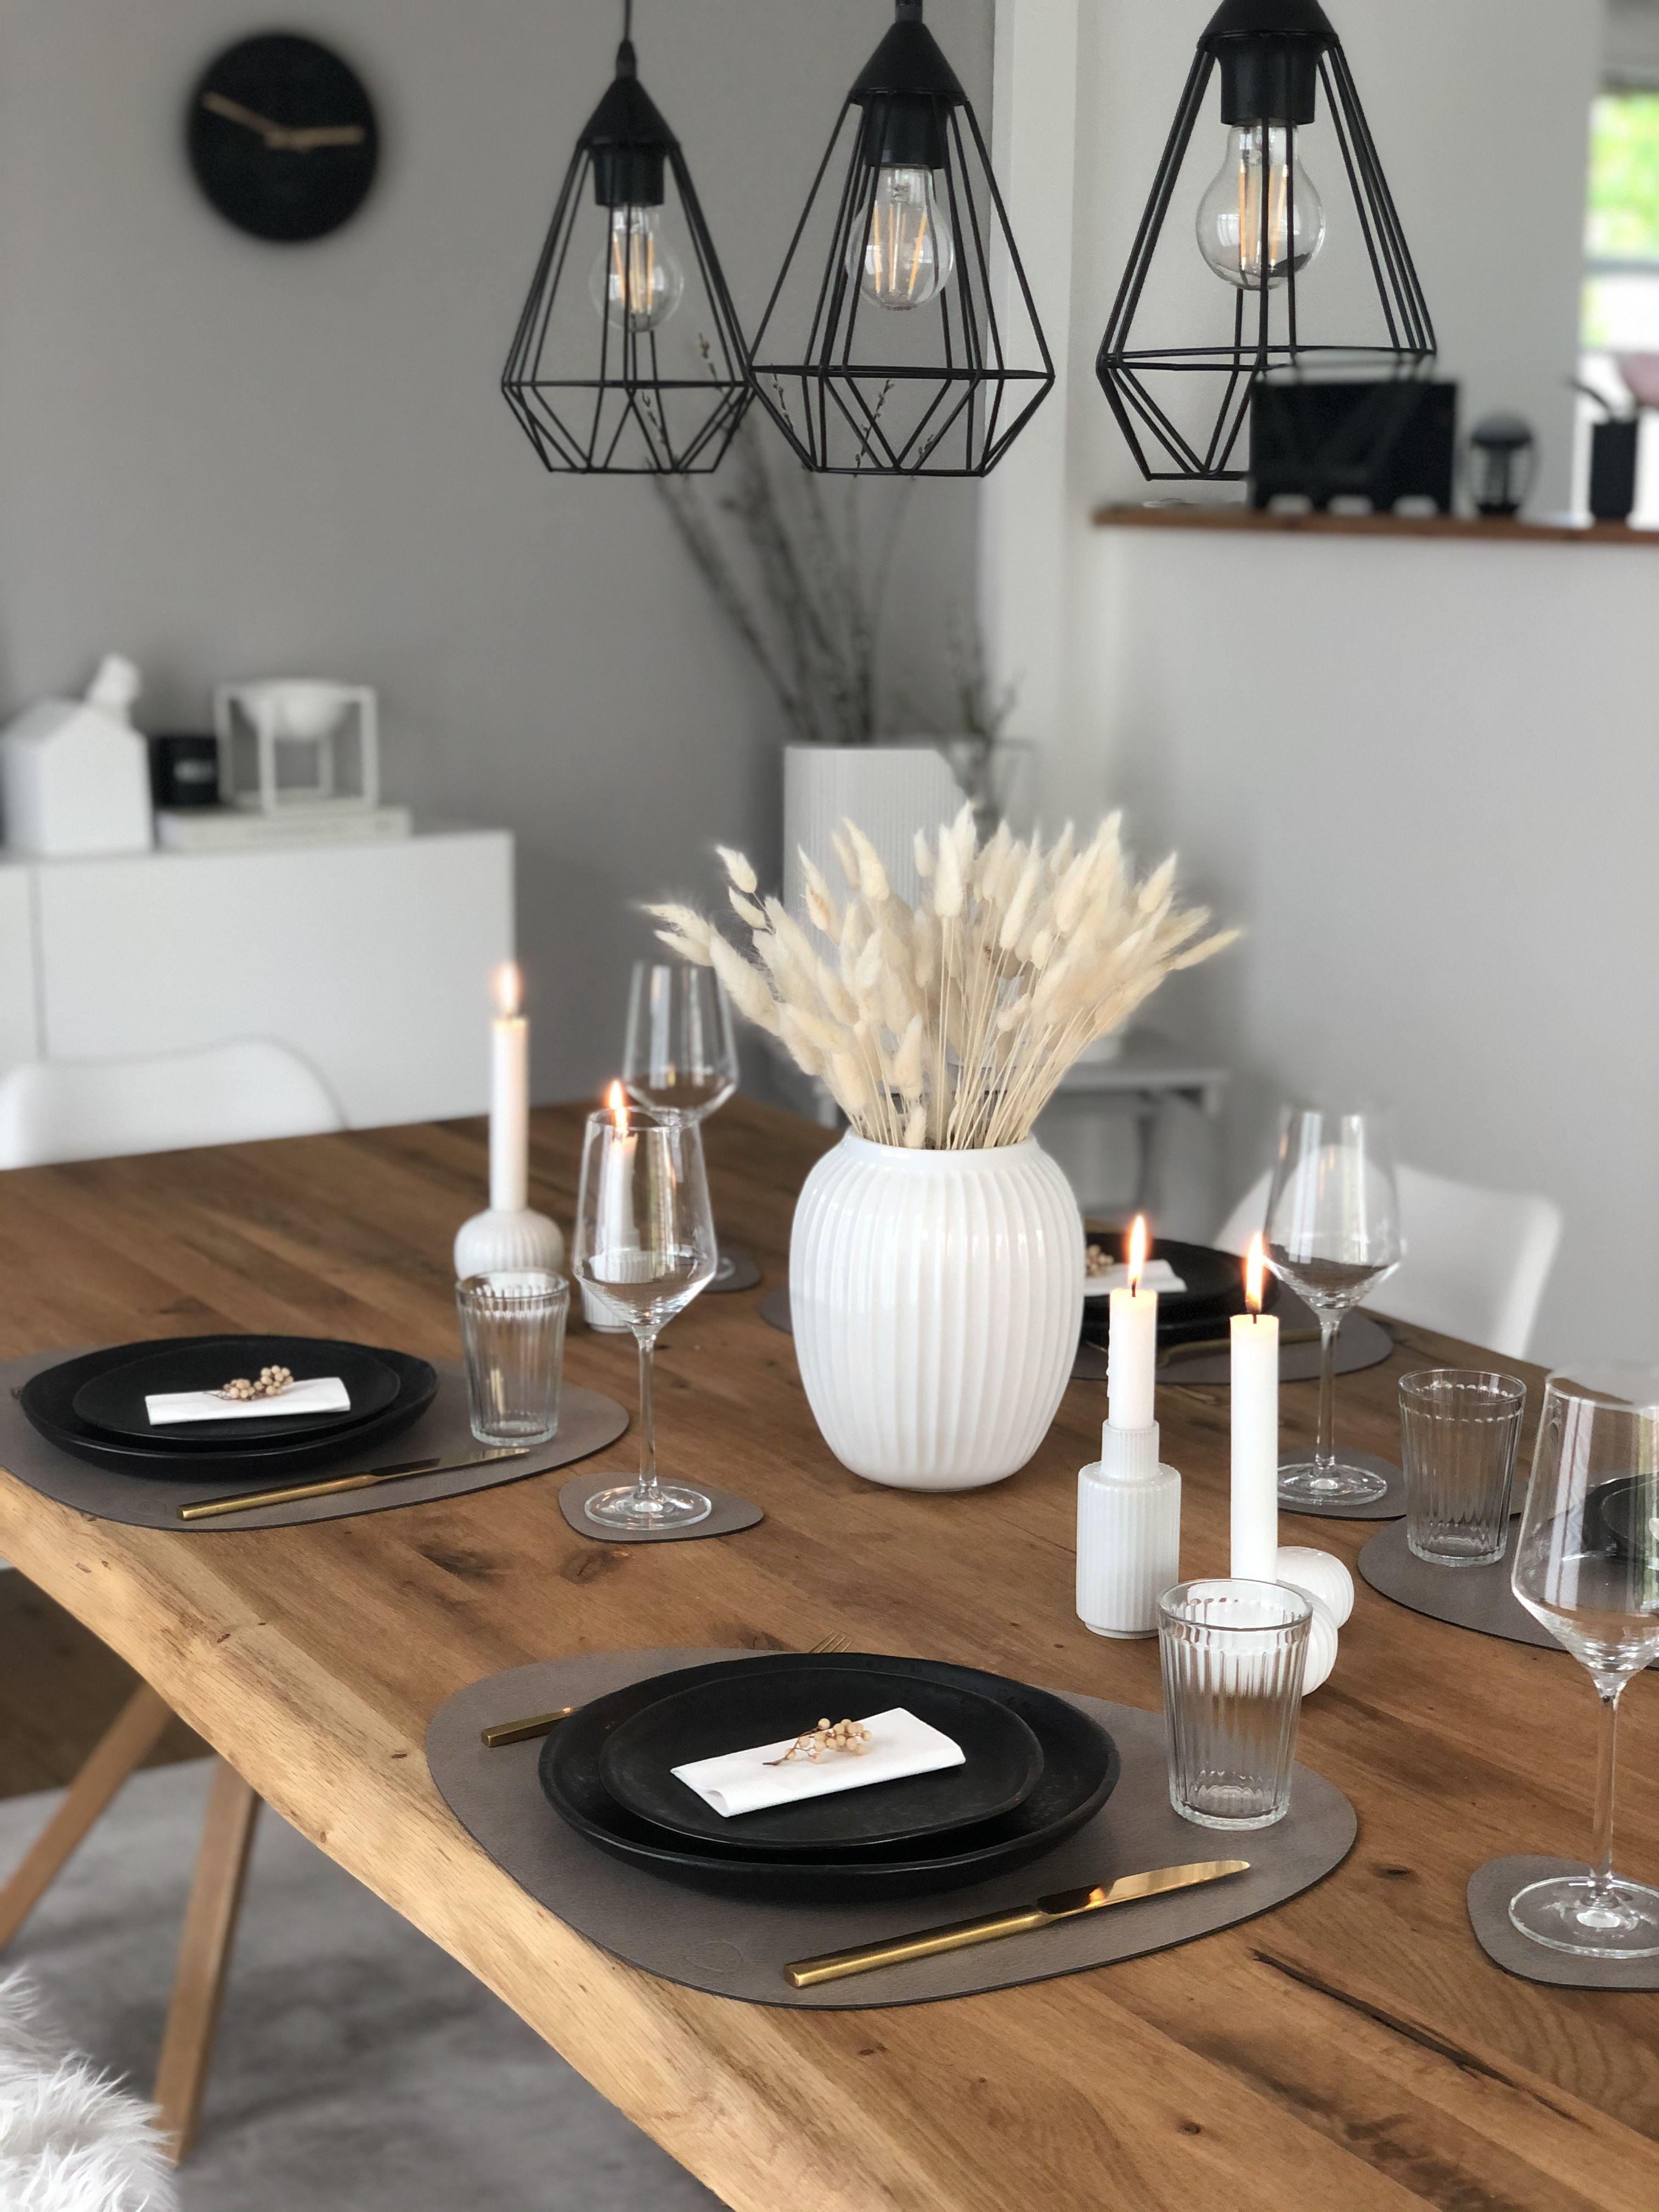 Scandinavian dining room interior